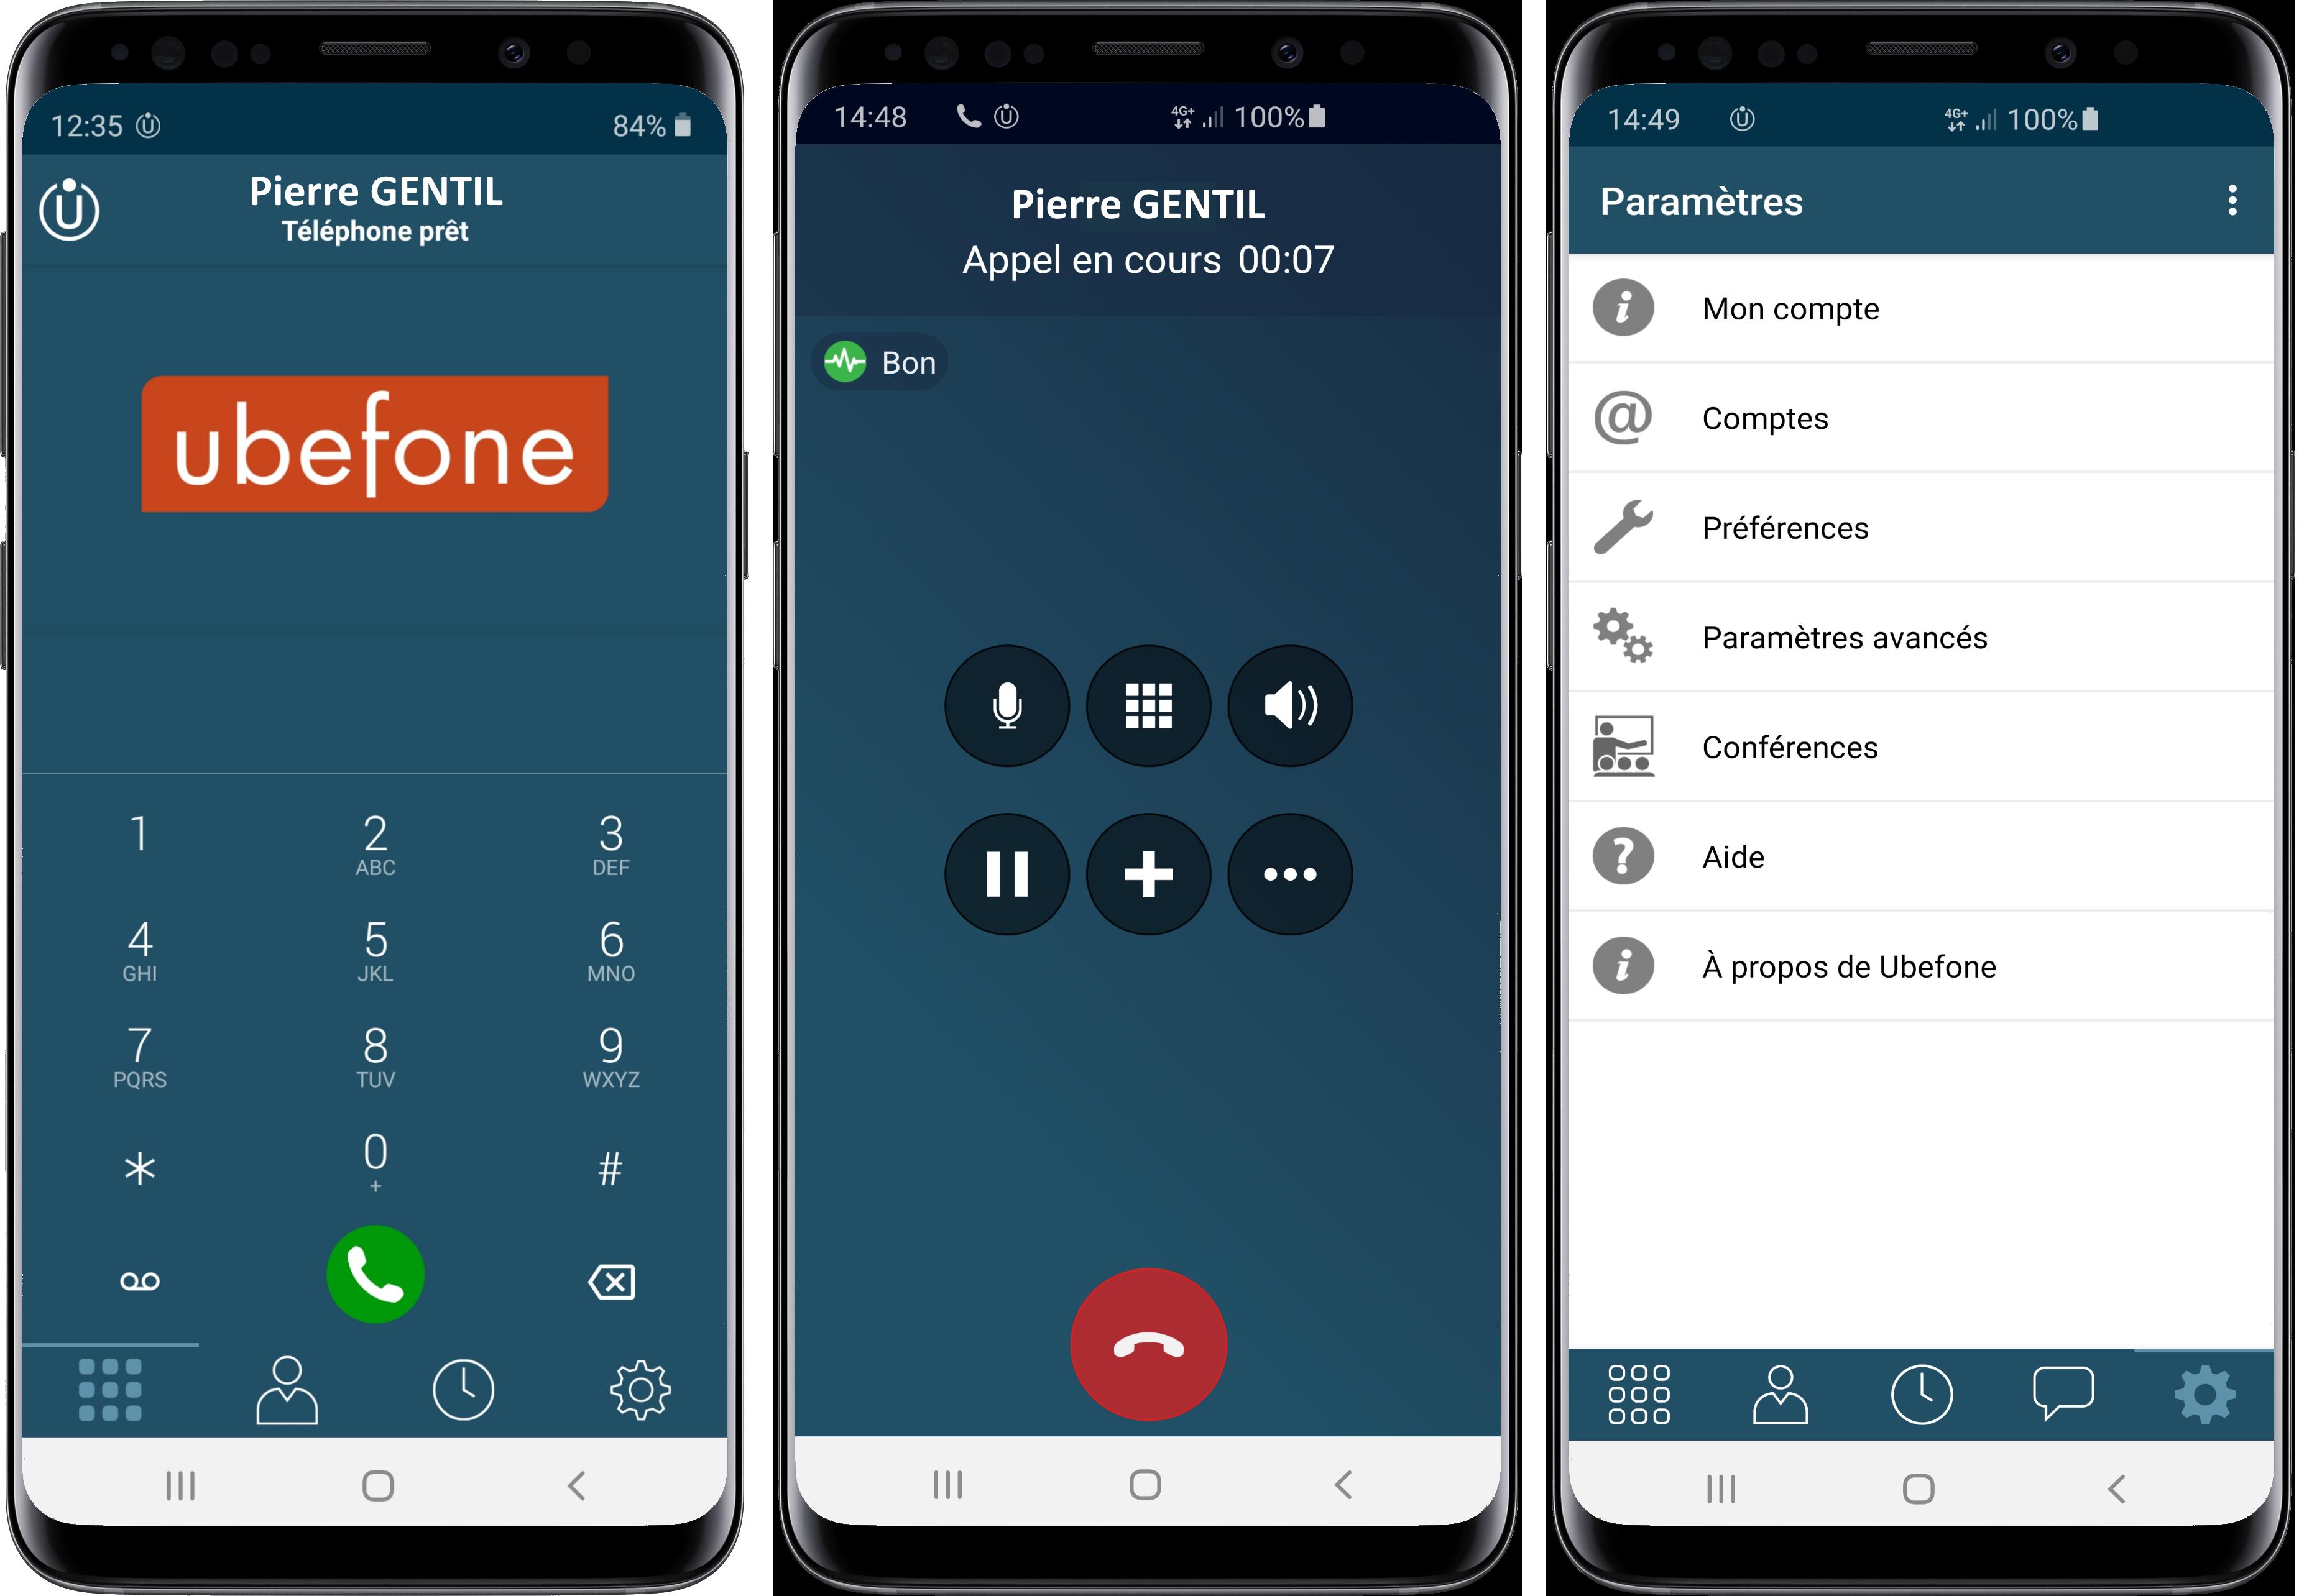 Exemple de l'application de téléphonie cloud sur un Iphone